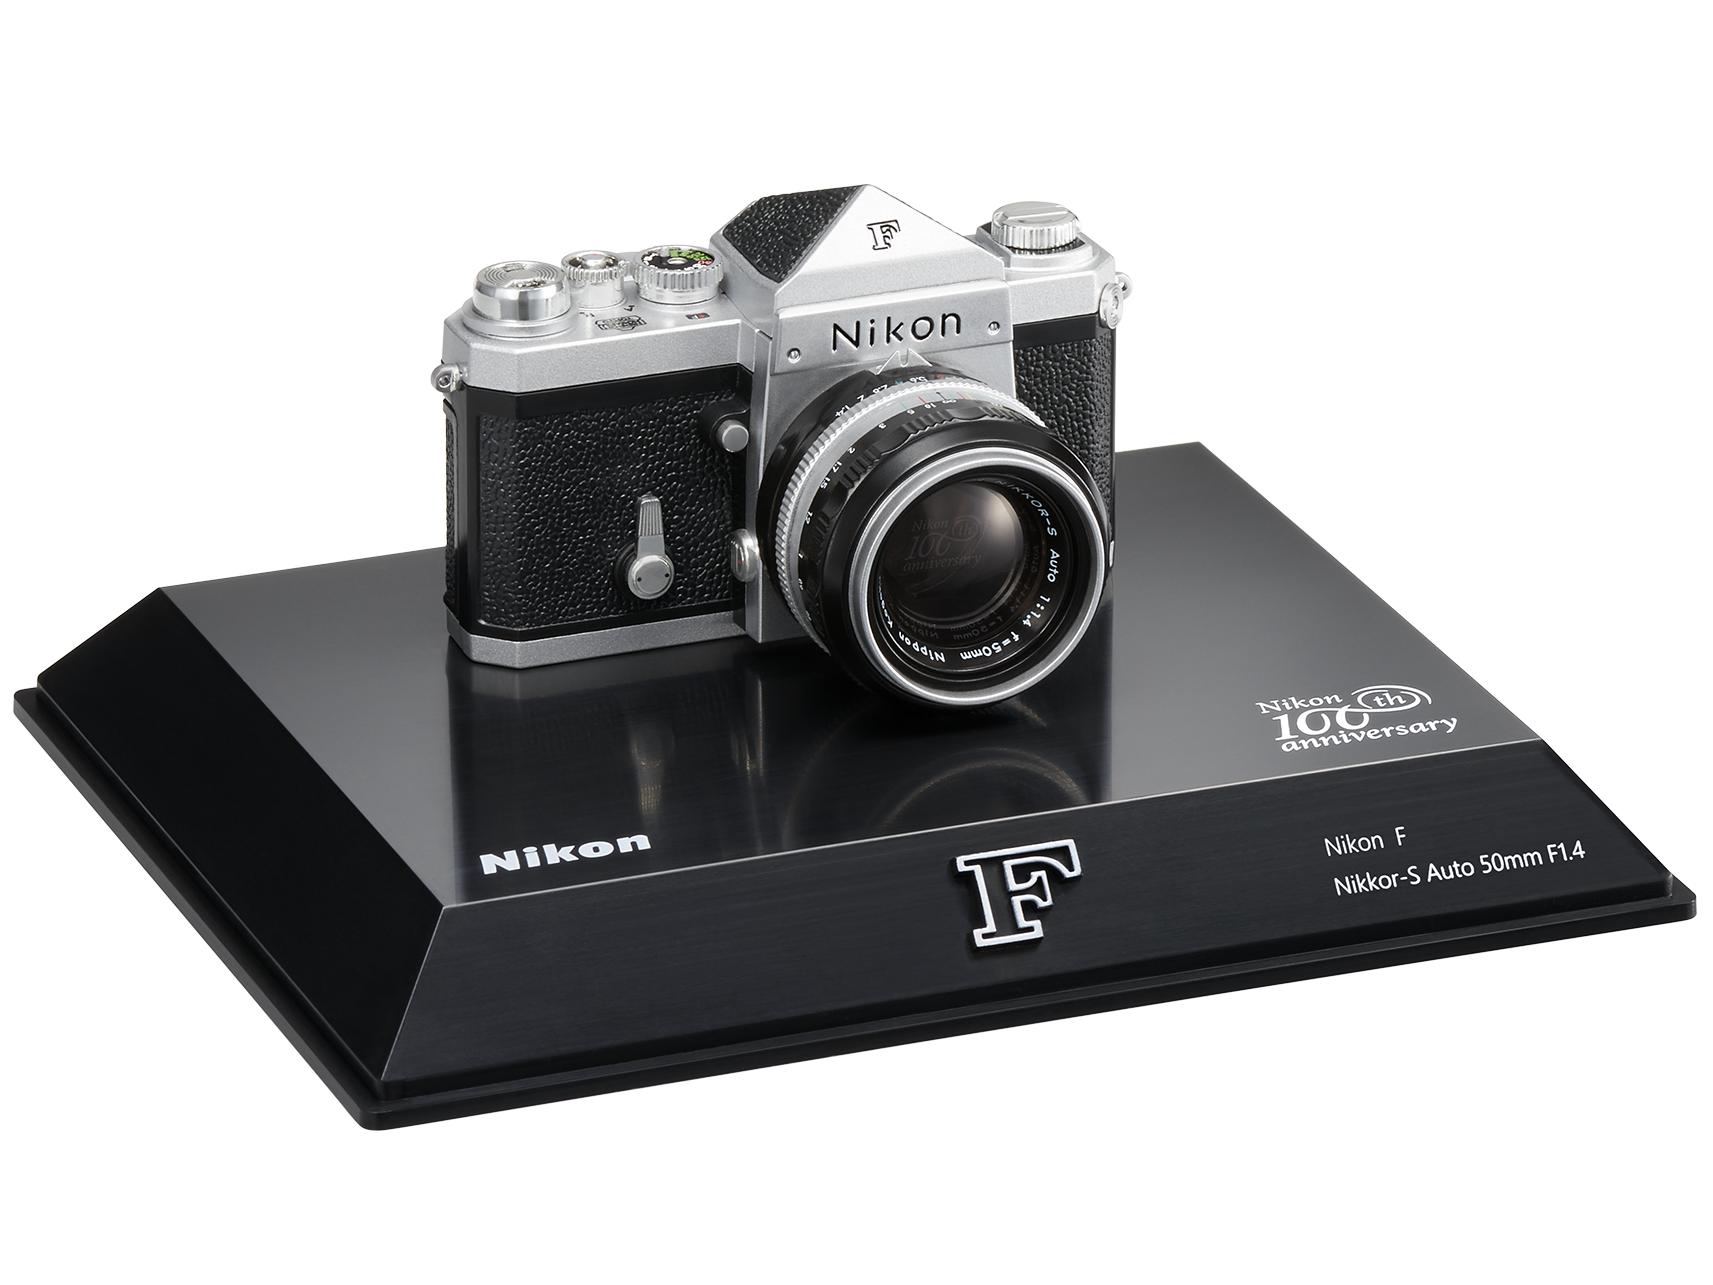 Nikon Миниатюрная юбилейная модель фотокамеры  F 100th Anniversary100th Anniversary<br>Nikon F. Основоположник флагманских фотокамер Nikon, задавший мировые стандарты зеркальных фотокамер. Она обладала беспрецедентными характеристиками и надежностью, поскольку объединила все оптические и прецизионные технологии Nikon в одном устройстве, включая собственные патентованные стандарты, такие как байонет Nikon F, который продолжает использоваться и в наши дни. Эта миниатюрная модель воспроизводит фотокамеру Nikon F, до сих пор пользующуюся популярностью среди энтузиастов, в масштабе 1:2.<br><br>Артикул: VJY01001